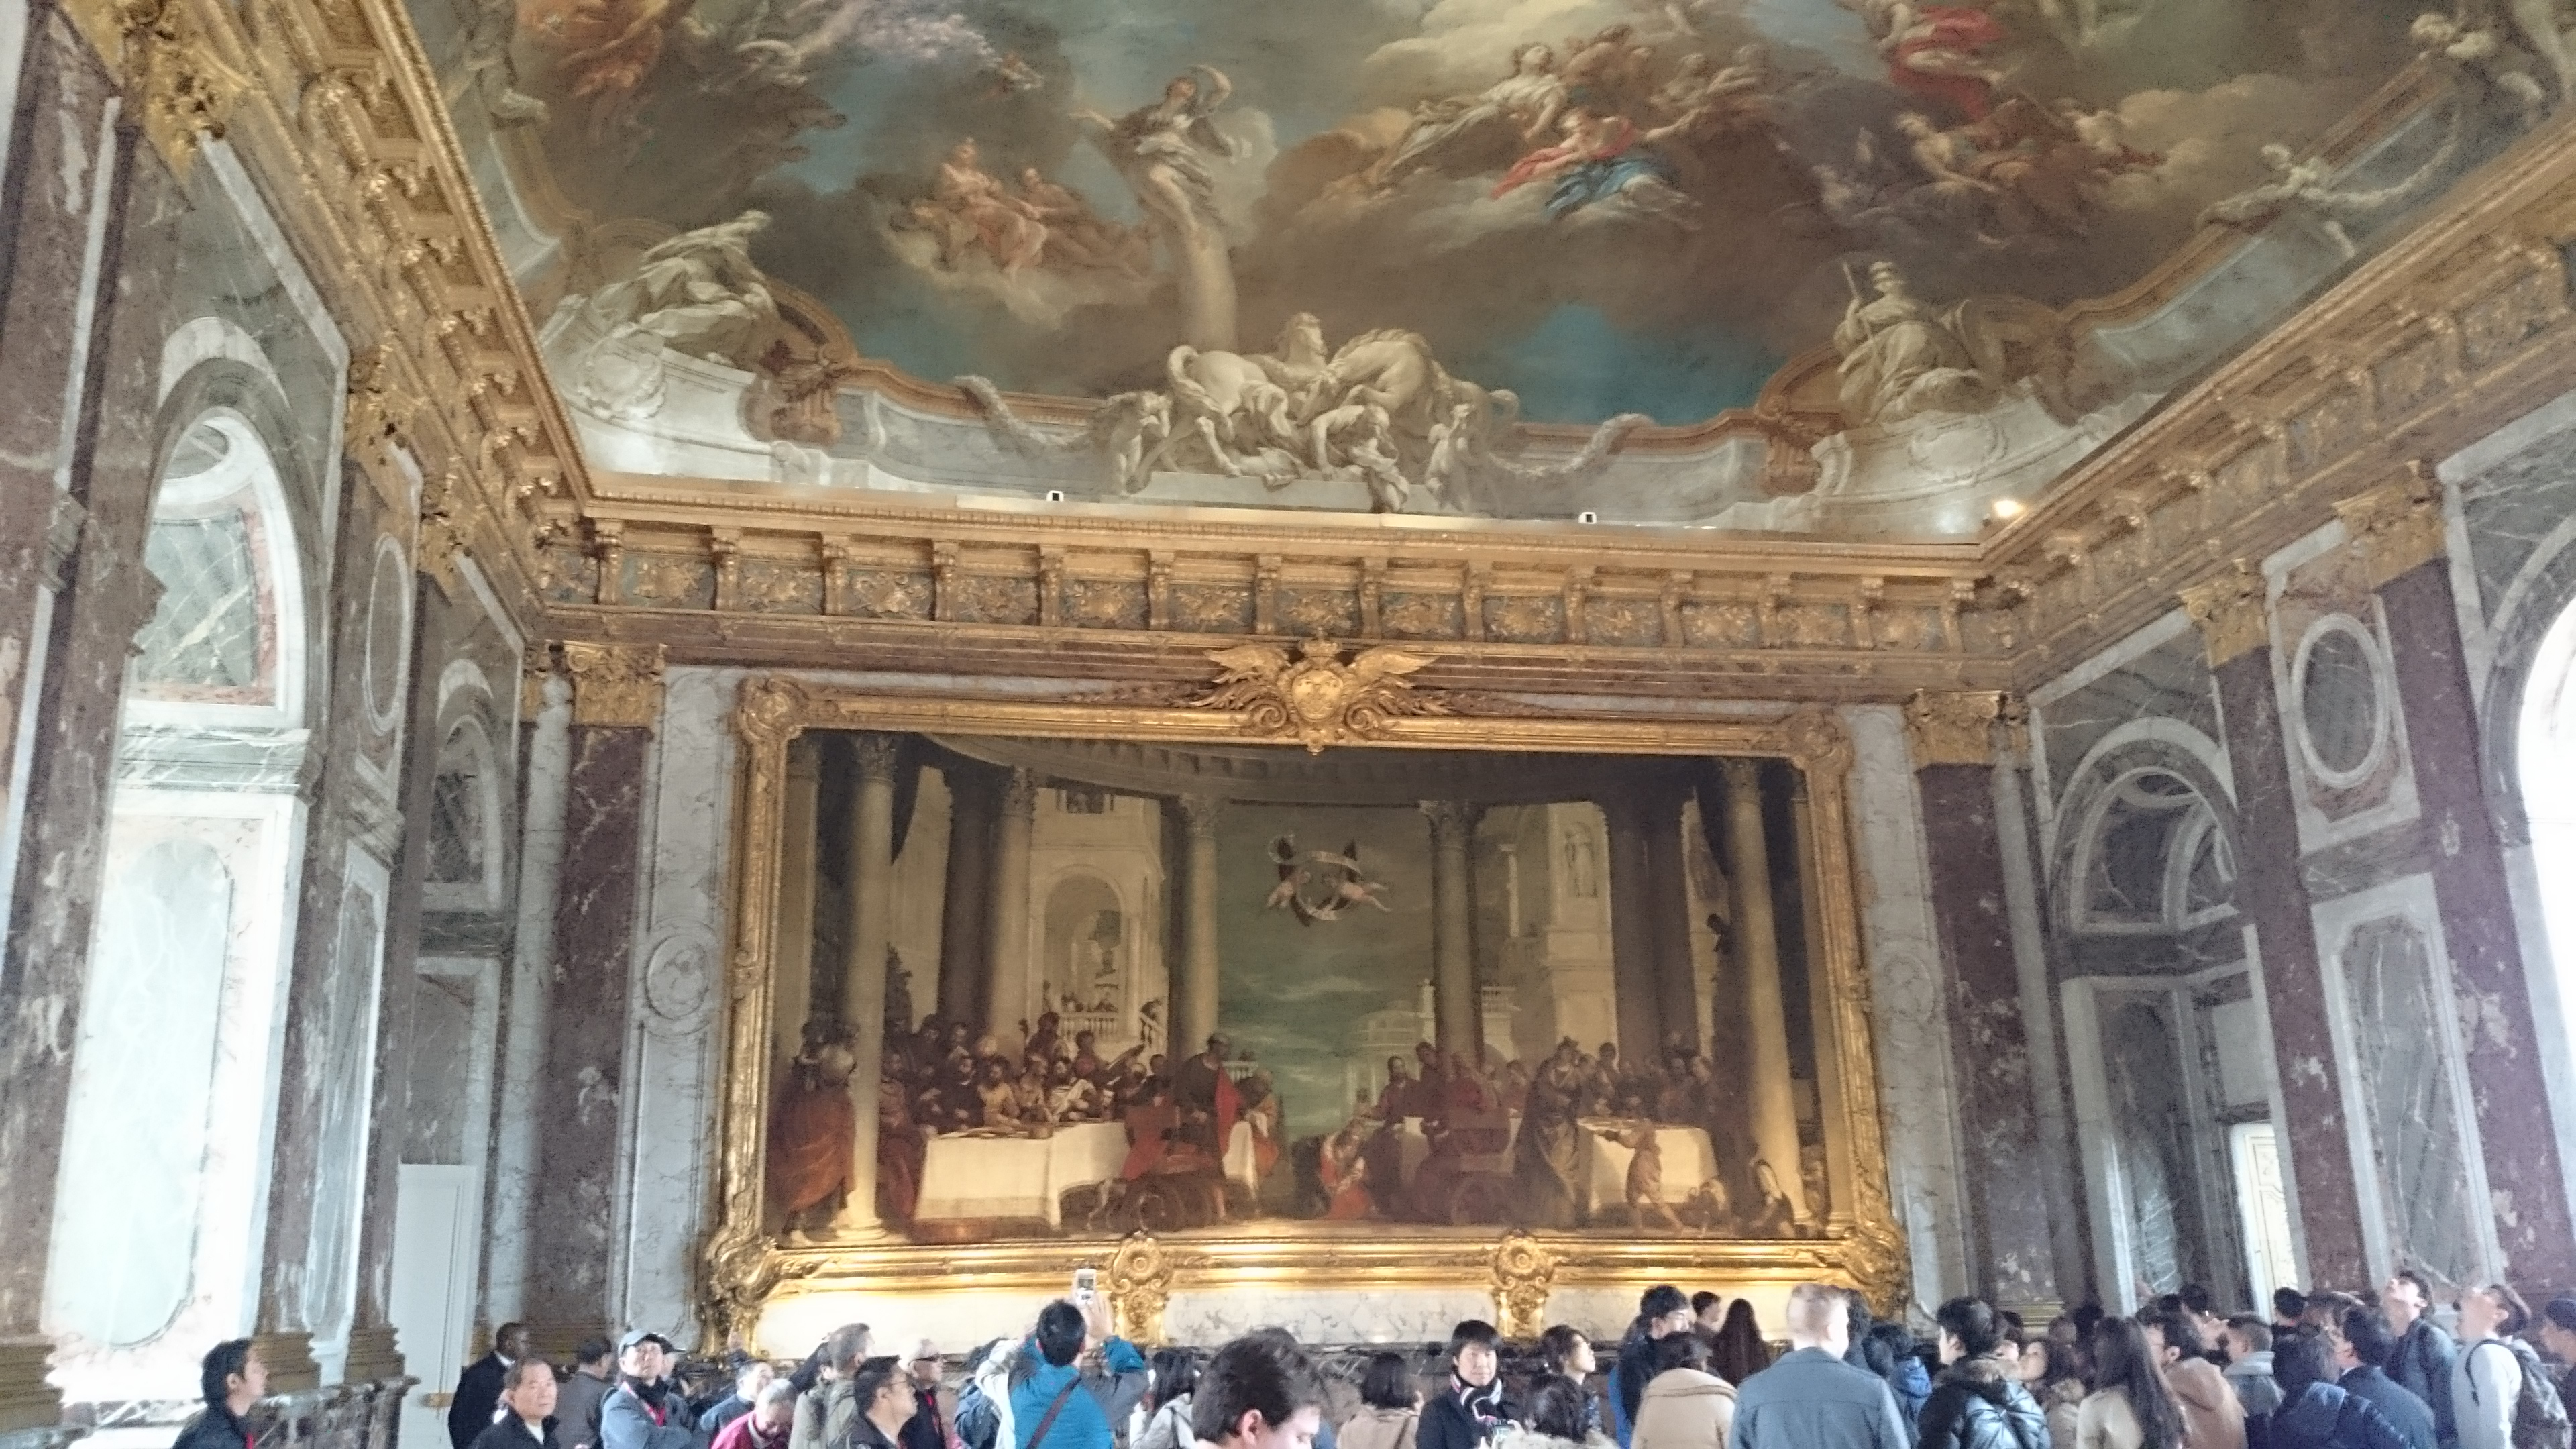 dsc 13281 - Visita al Palacio de Versalles: Como ir, cuanto cuesta y tips III/III